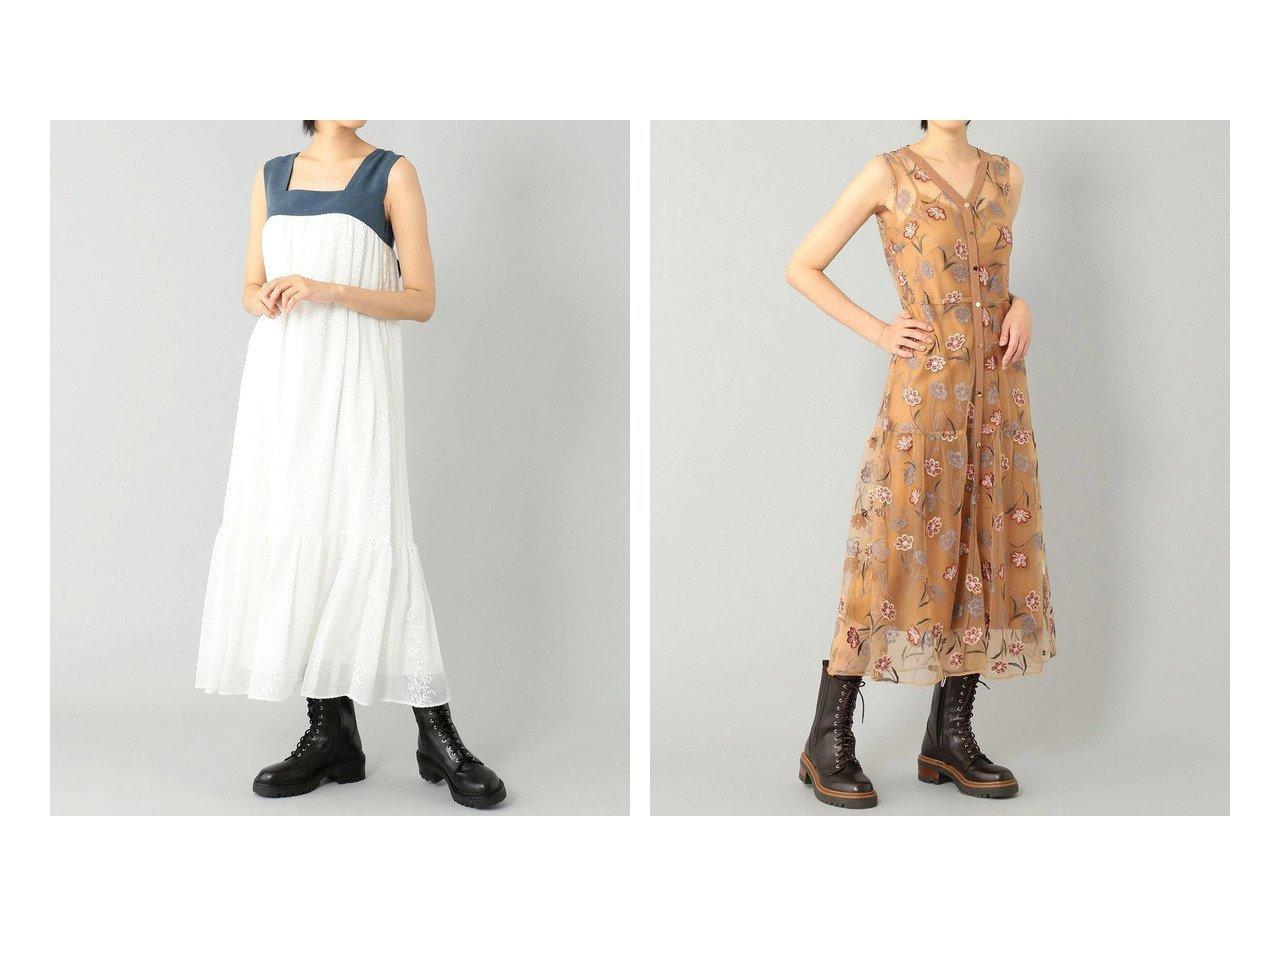 【GRACE CONTINENTAL/グレース コンチネンタル】のバックリボンバイカラーワンピース&シルエットフラワーレースドレス 【ワンピース・ドレス】おすすめ!人気、トレンド・レディースファッションの通販 おすすめで人気の流行・トレンド、ファッションの通販商品 インテリア・家具・メンズファッション・キッズファッション・レディースファッション・服の通販 founy(ファニー) https://founy.com/ ファッション Fashion レディースファッション WOMEN ワンピース Dress ドレス Party Dresses 送料無料 Free Shipping シフォン スクエア ストライプ ティアード ドレス ノースリーブ リゾート リボン 夏 Summer  ID:crp329100000056882